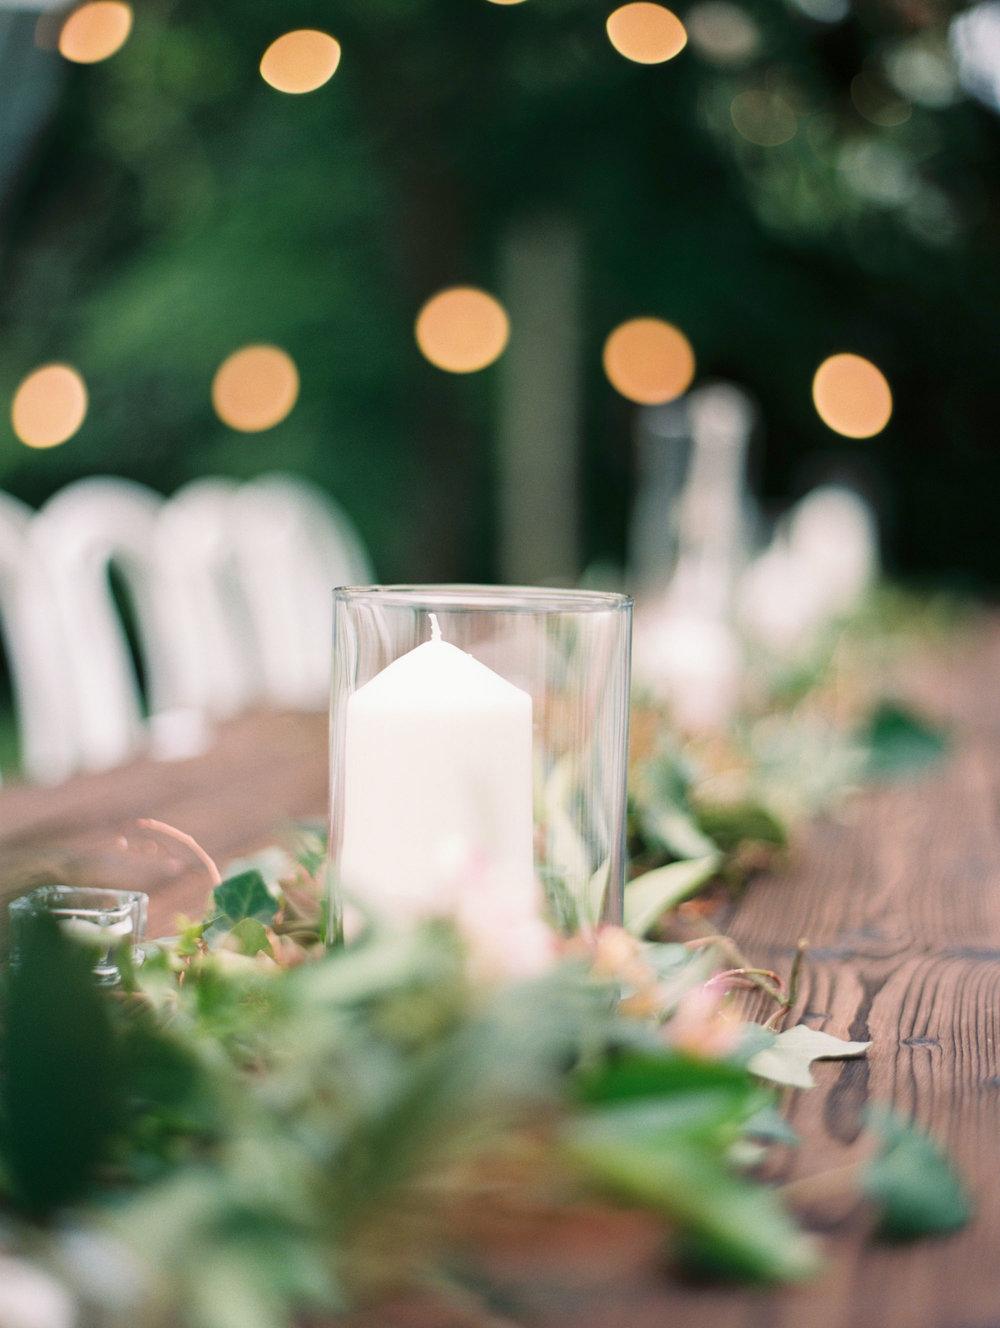 Whitehouse-hahndorf-wedding-photography-088.jpg